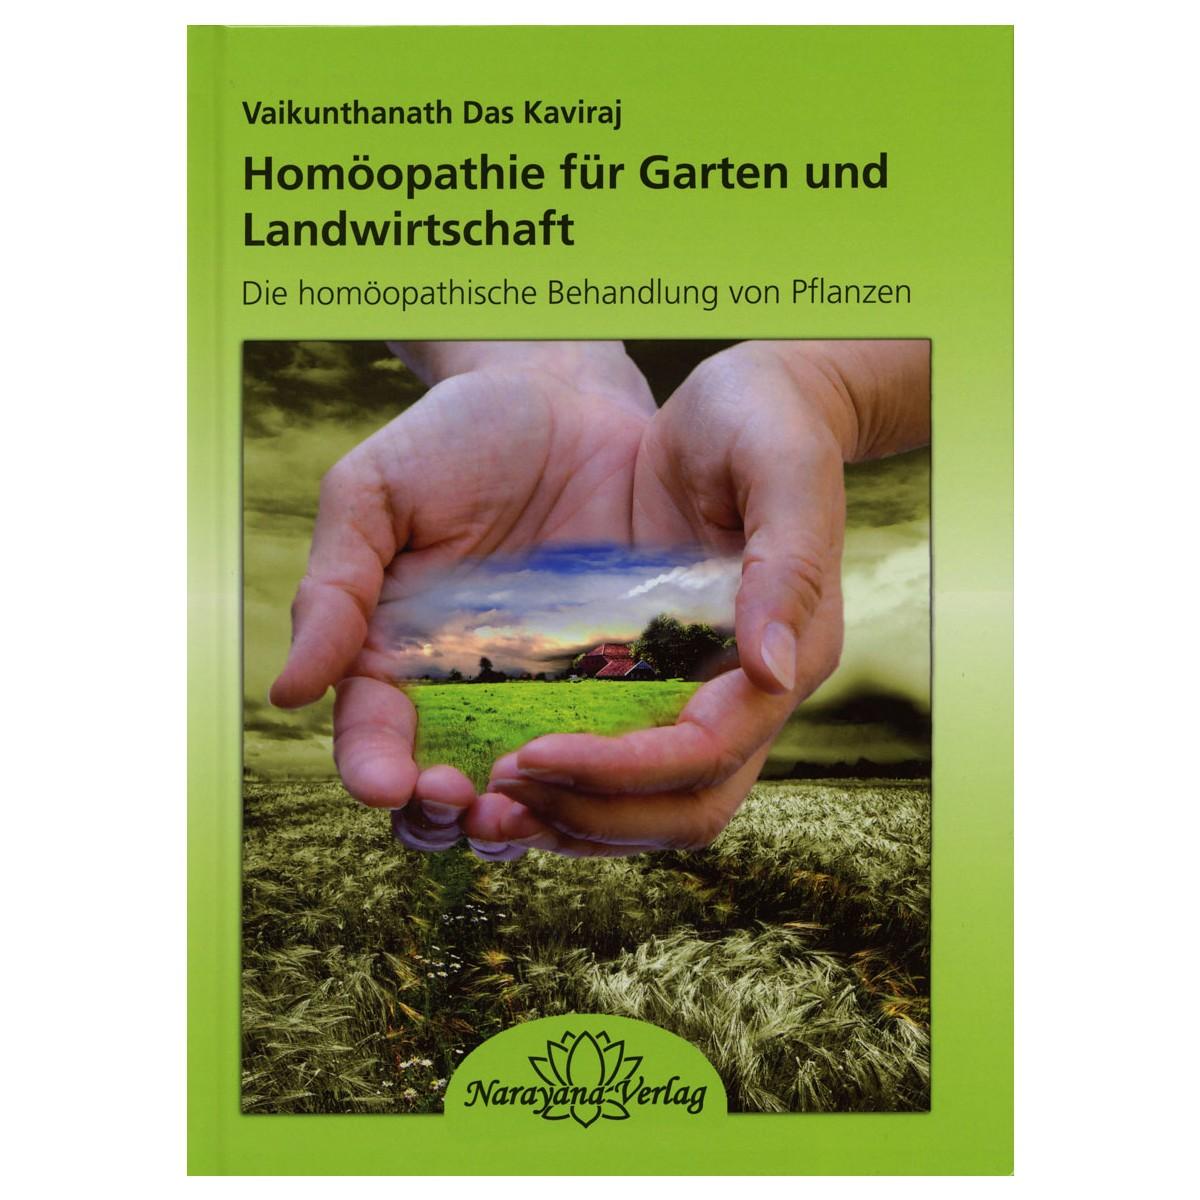 Kaviraj Das Vaikunthanath, Homöopathie für Garten und Landwirtschaft